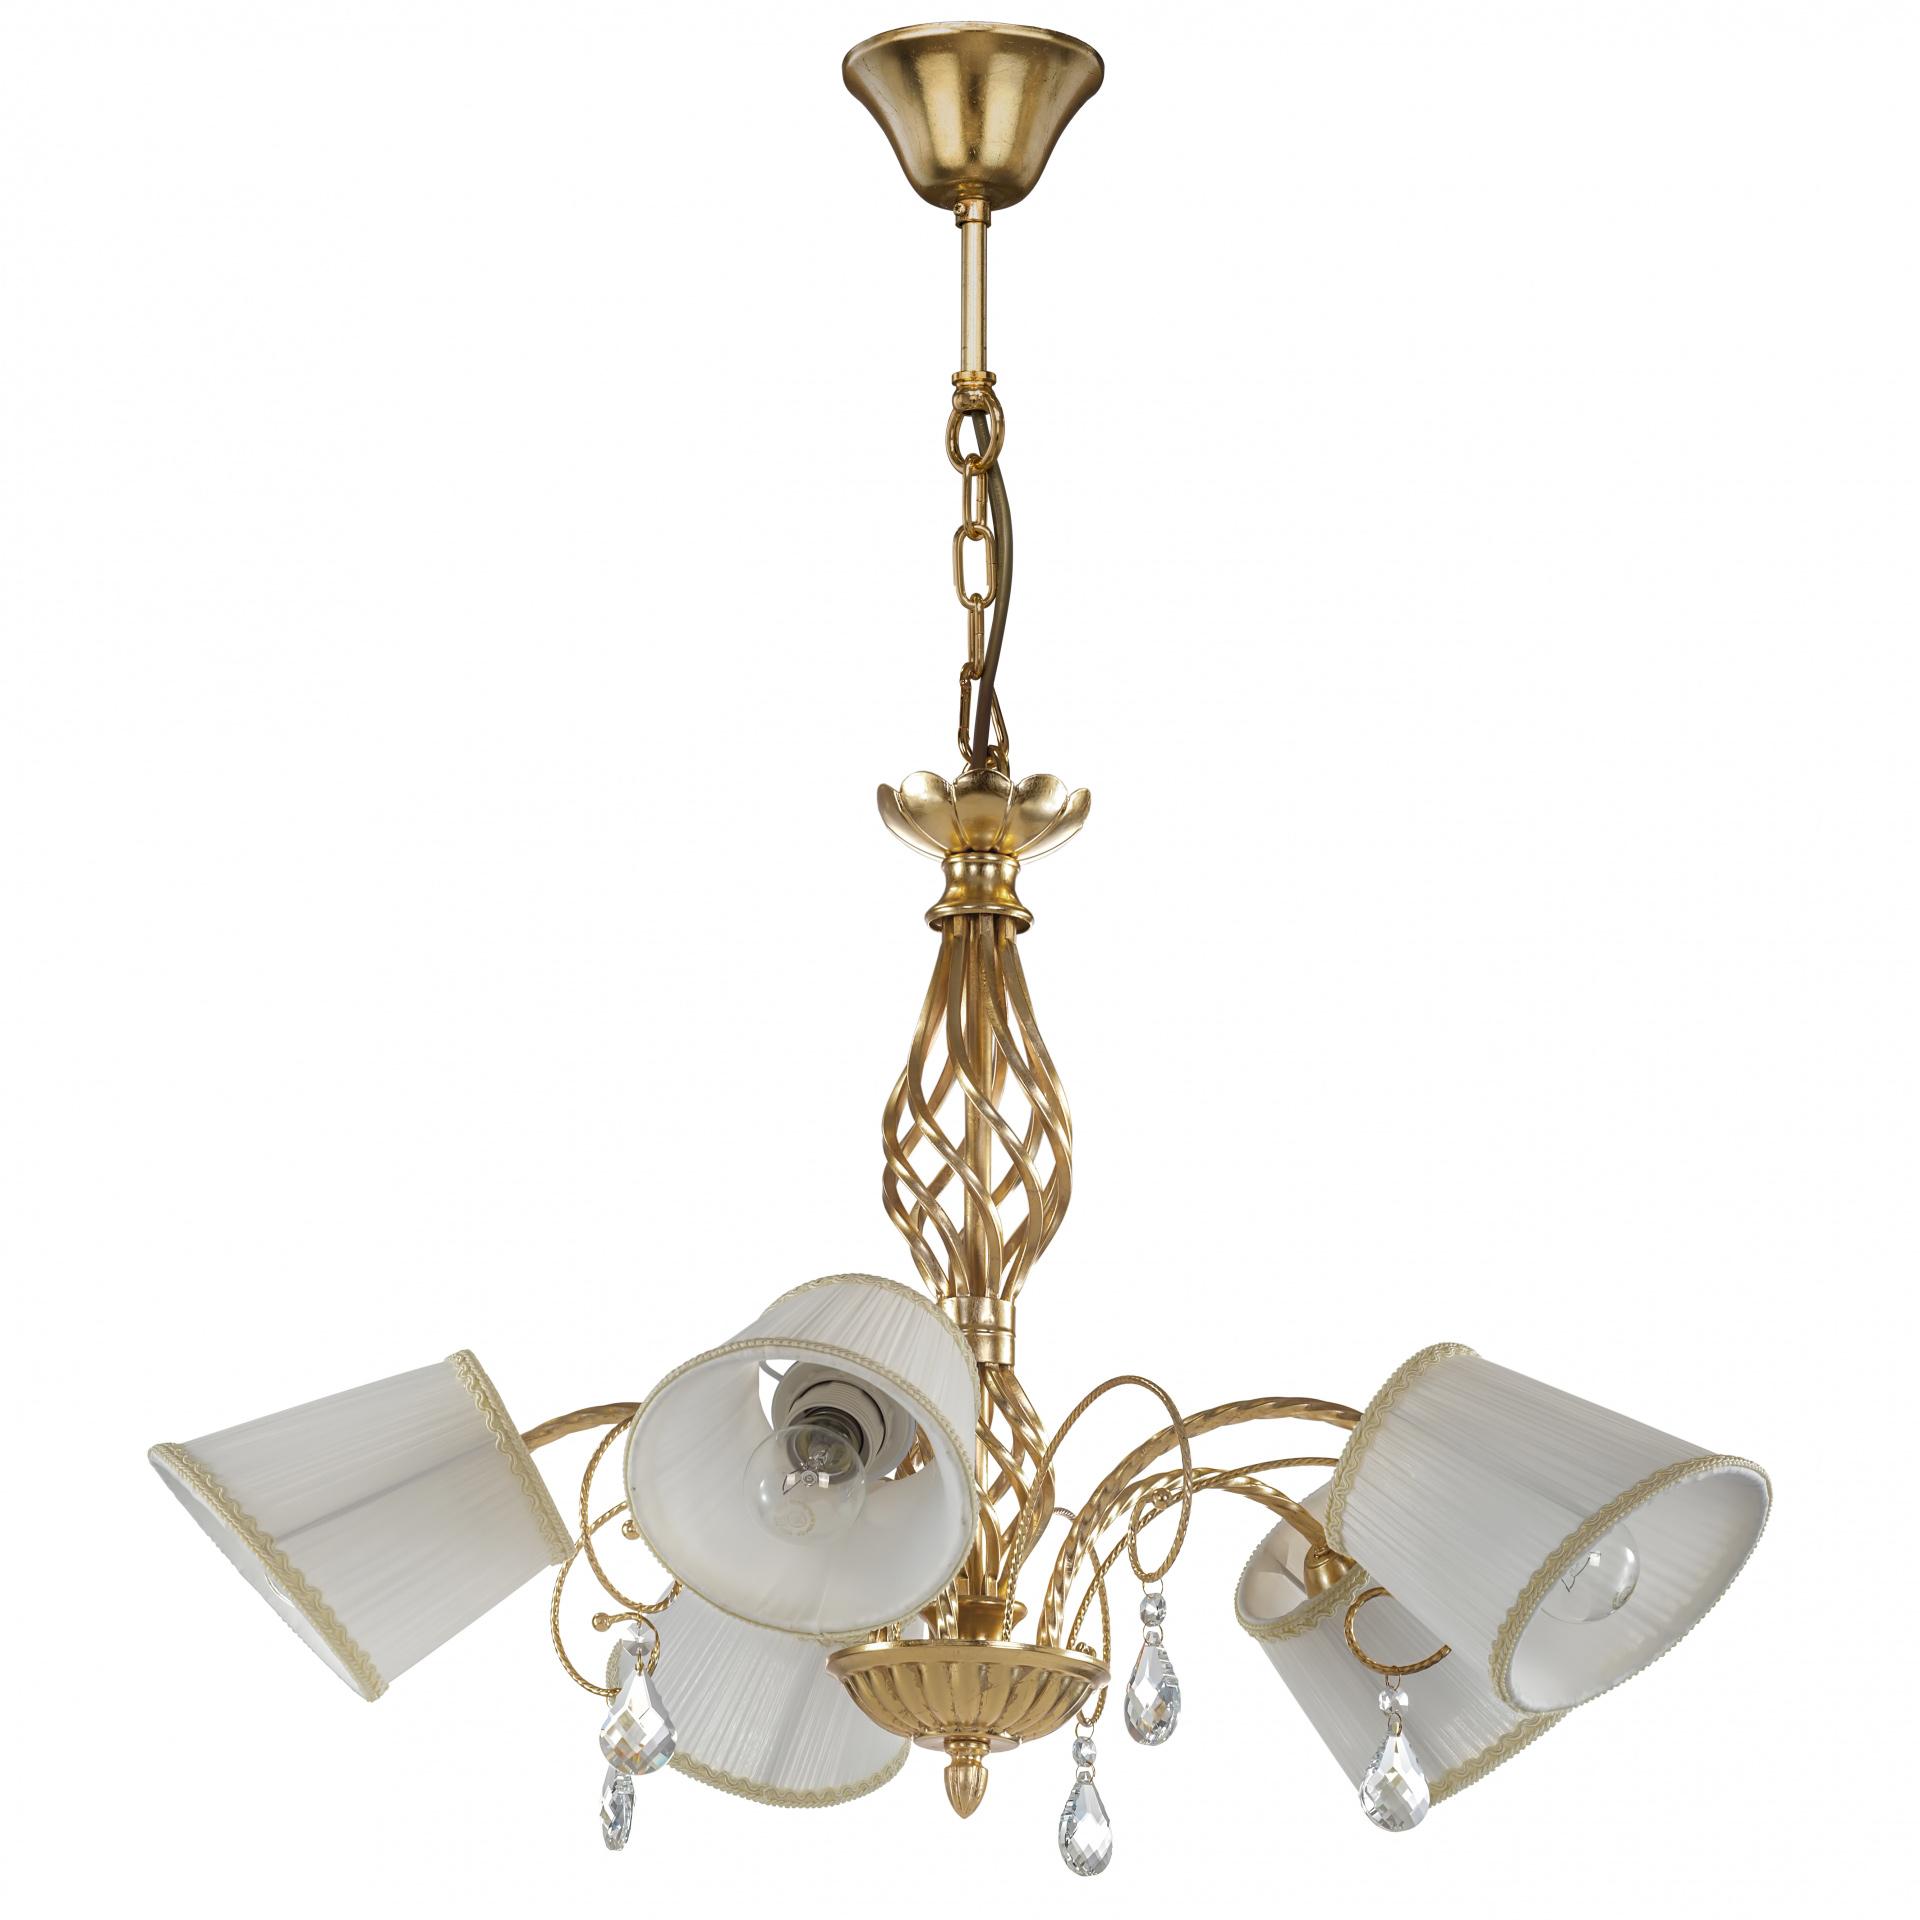 Люстра подвесная Esedra 5x40W E27 gold foil ткань Lightstar 796153, купить в СПб, Москве, с доставкой, Санкт-Петербург, интернет-магазин люстр и светильников Starlight, фото в жизни